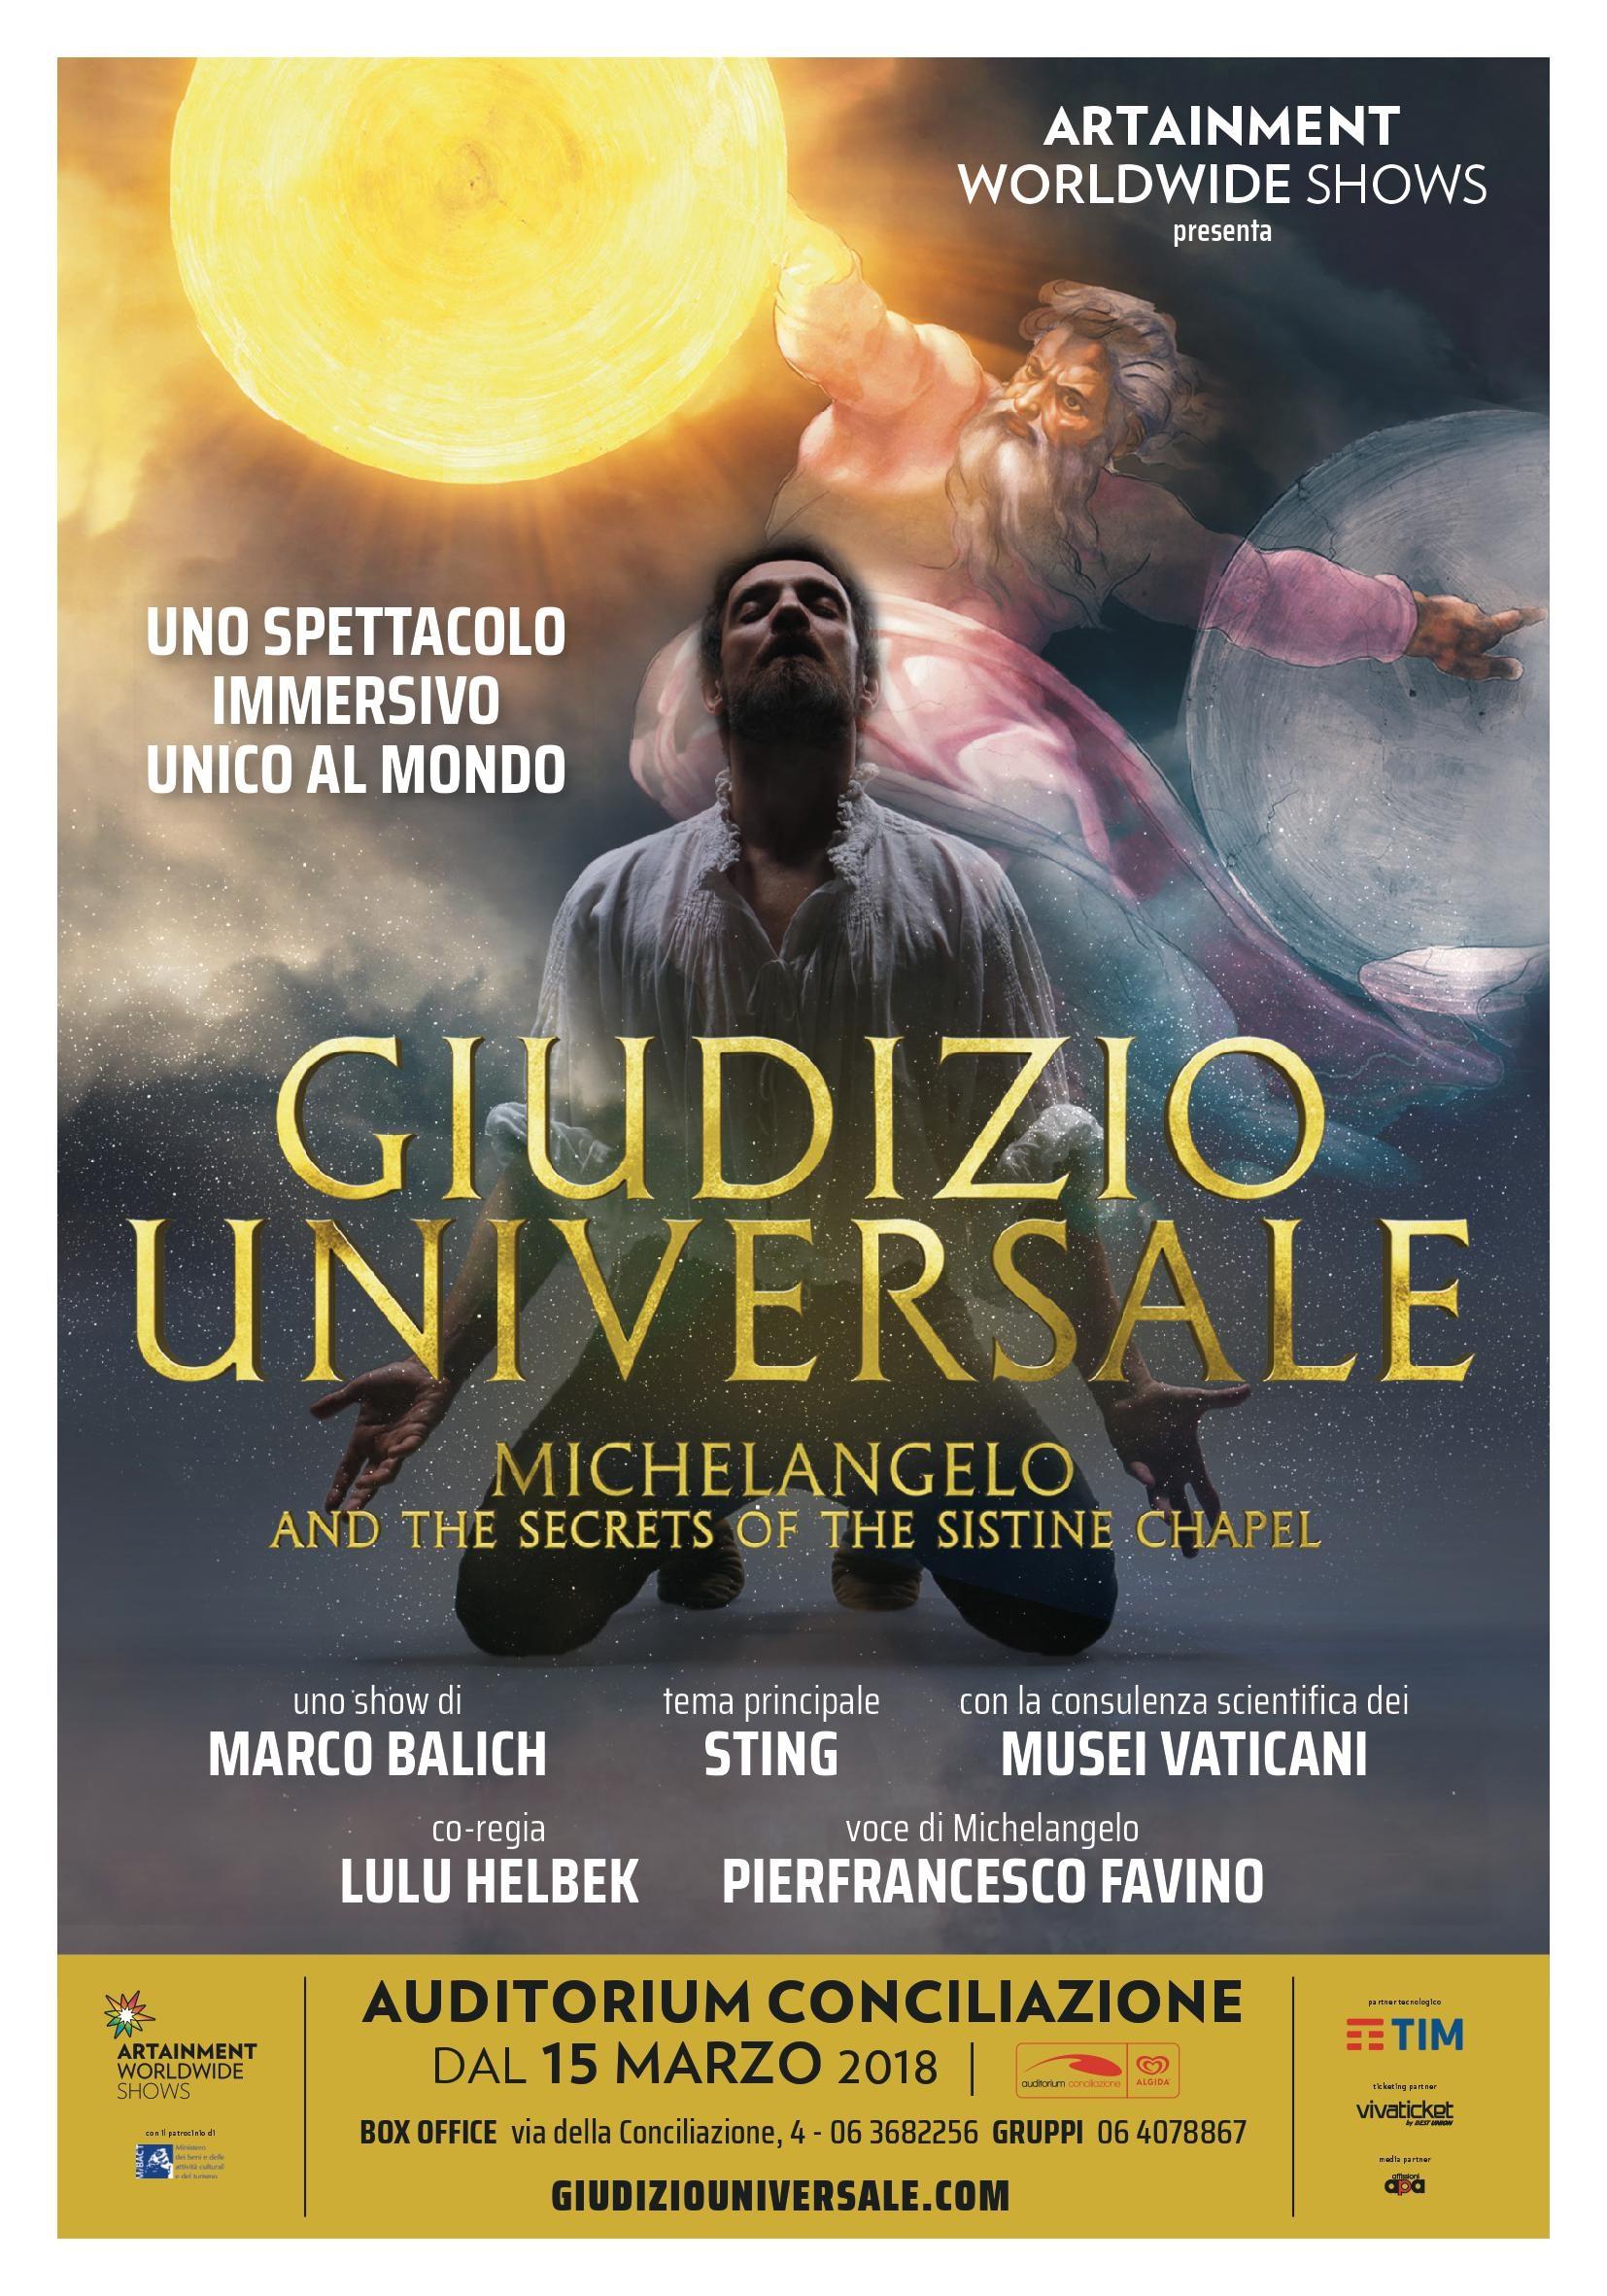 Photo of Tim: excellence partner dello spettacolo del Giudizio Universale di Michelangelo e il Segreto della Cappella Sistina